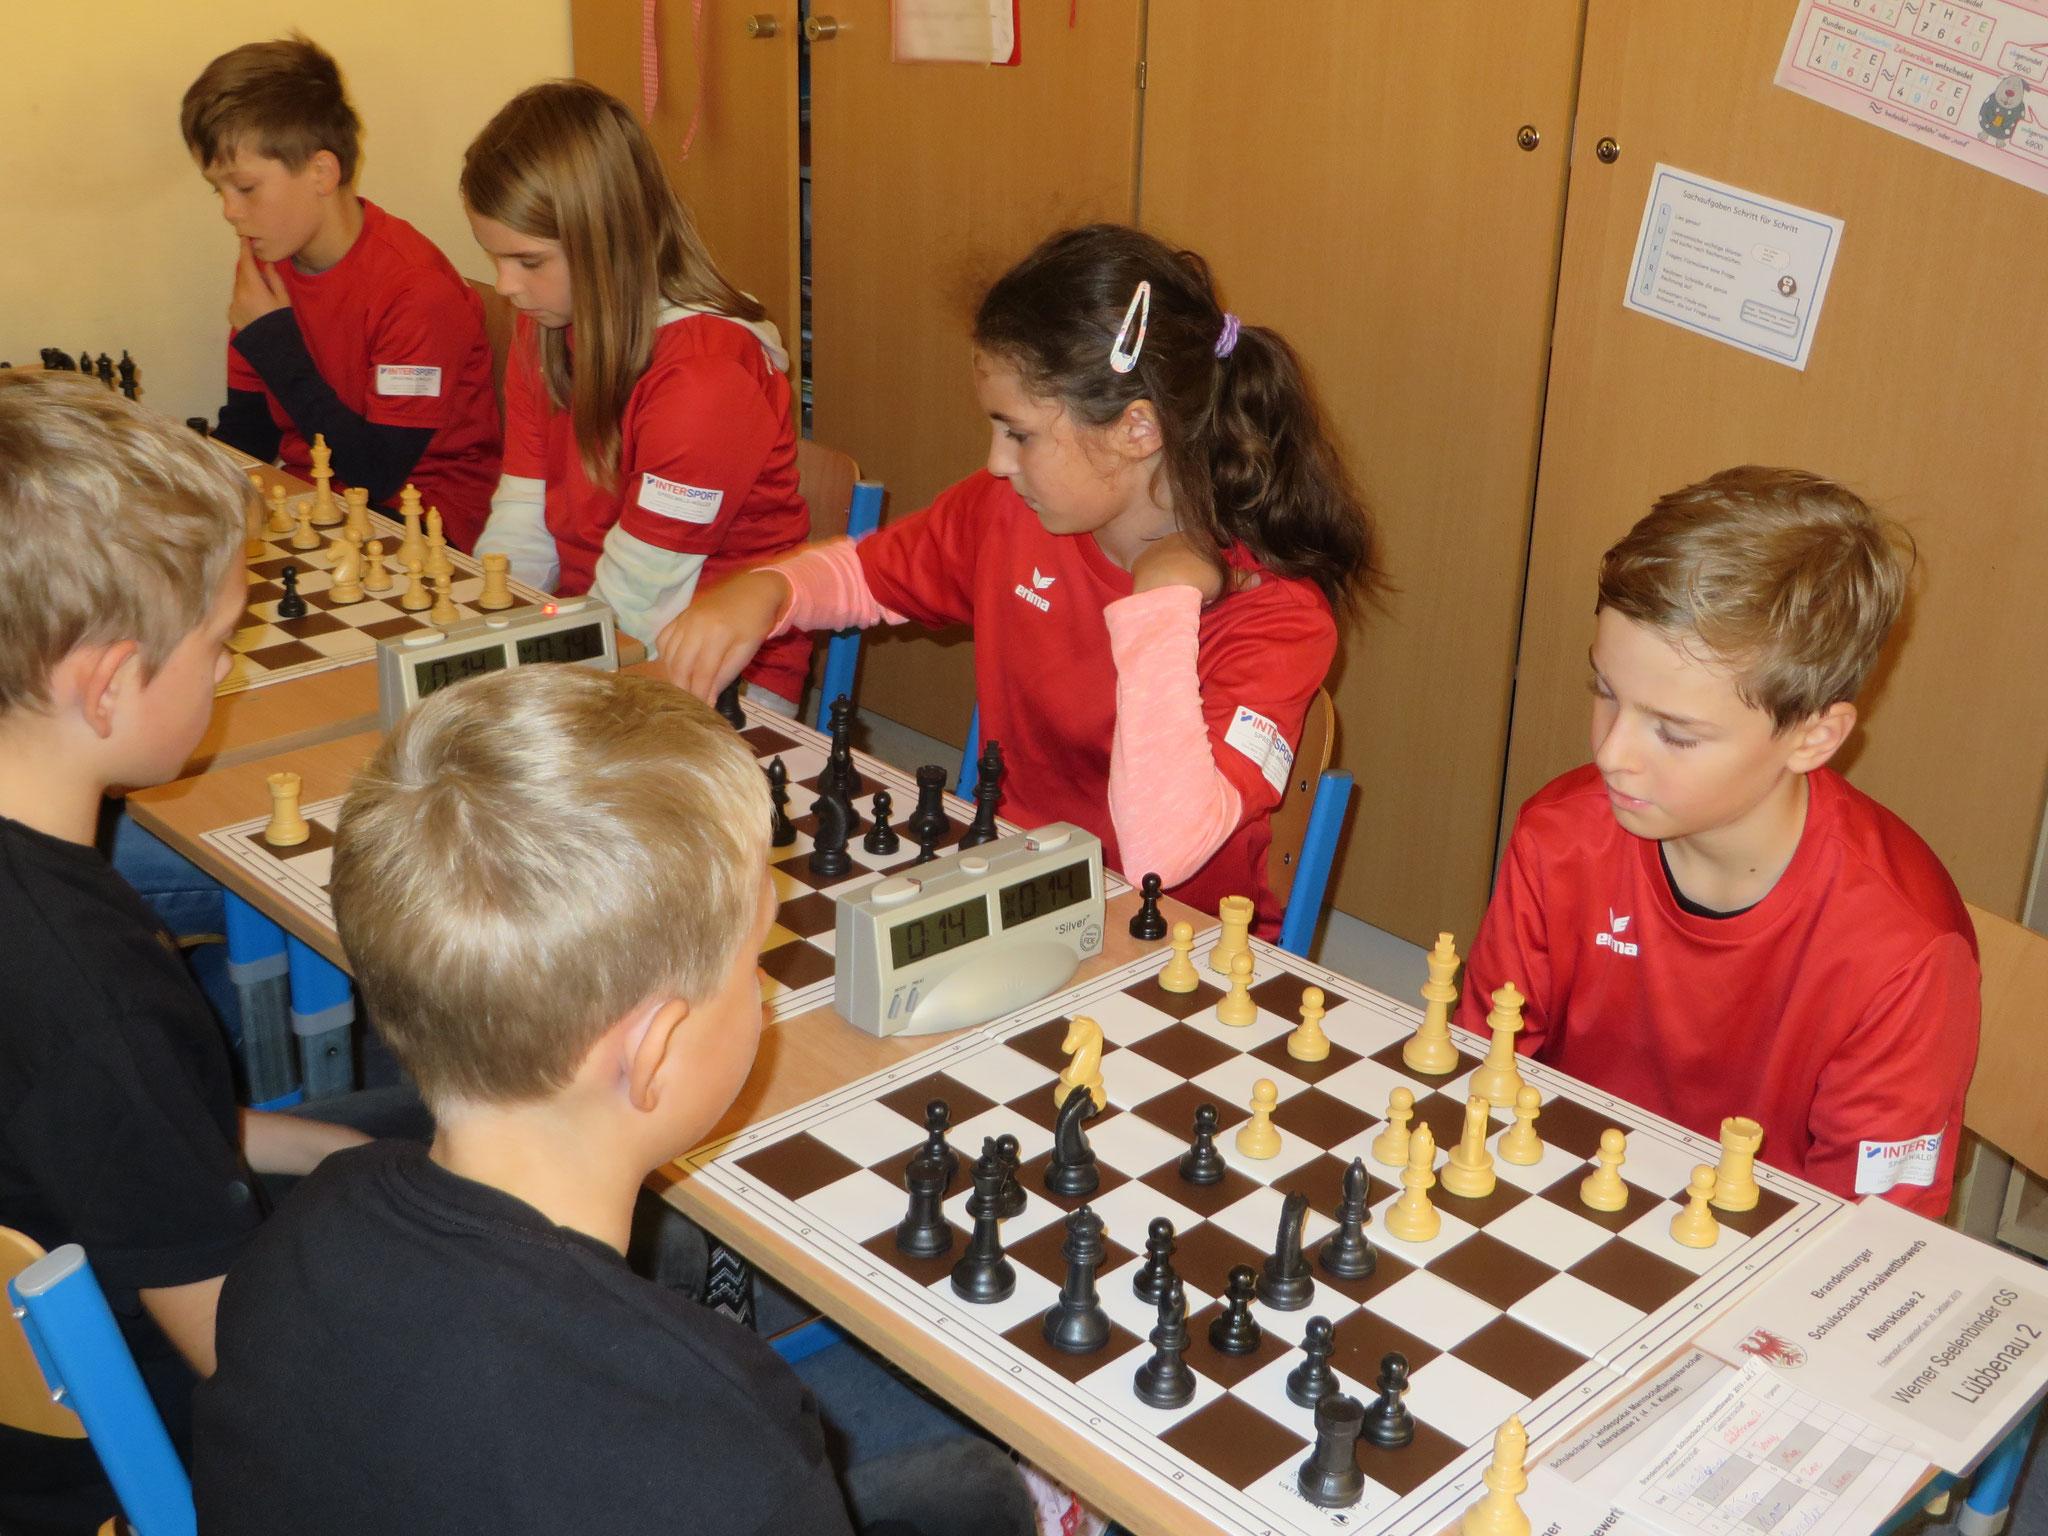 AK 2 : Das Team der Werner-Seelenbinder-GS II in Runde 4 mit Tony (Brett 1) , Mia (Brett 2) , Zoe (Brett 3) und Leon (Brett 4)